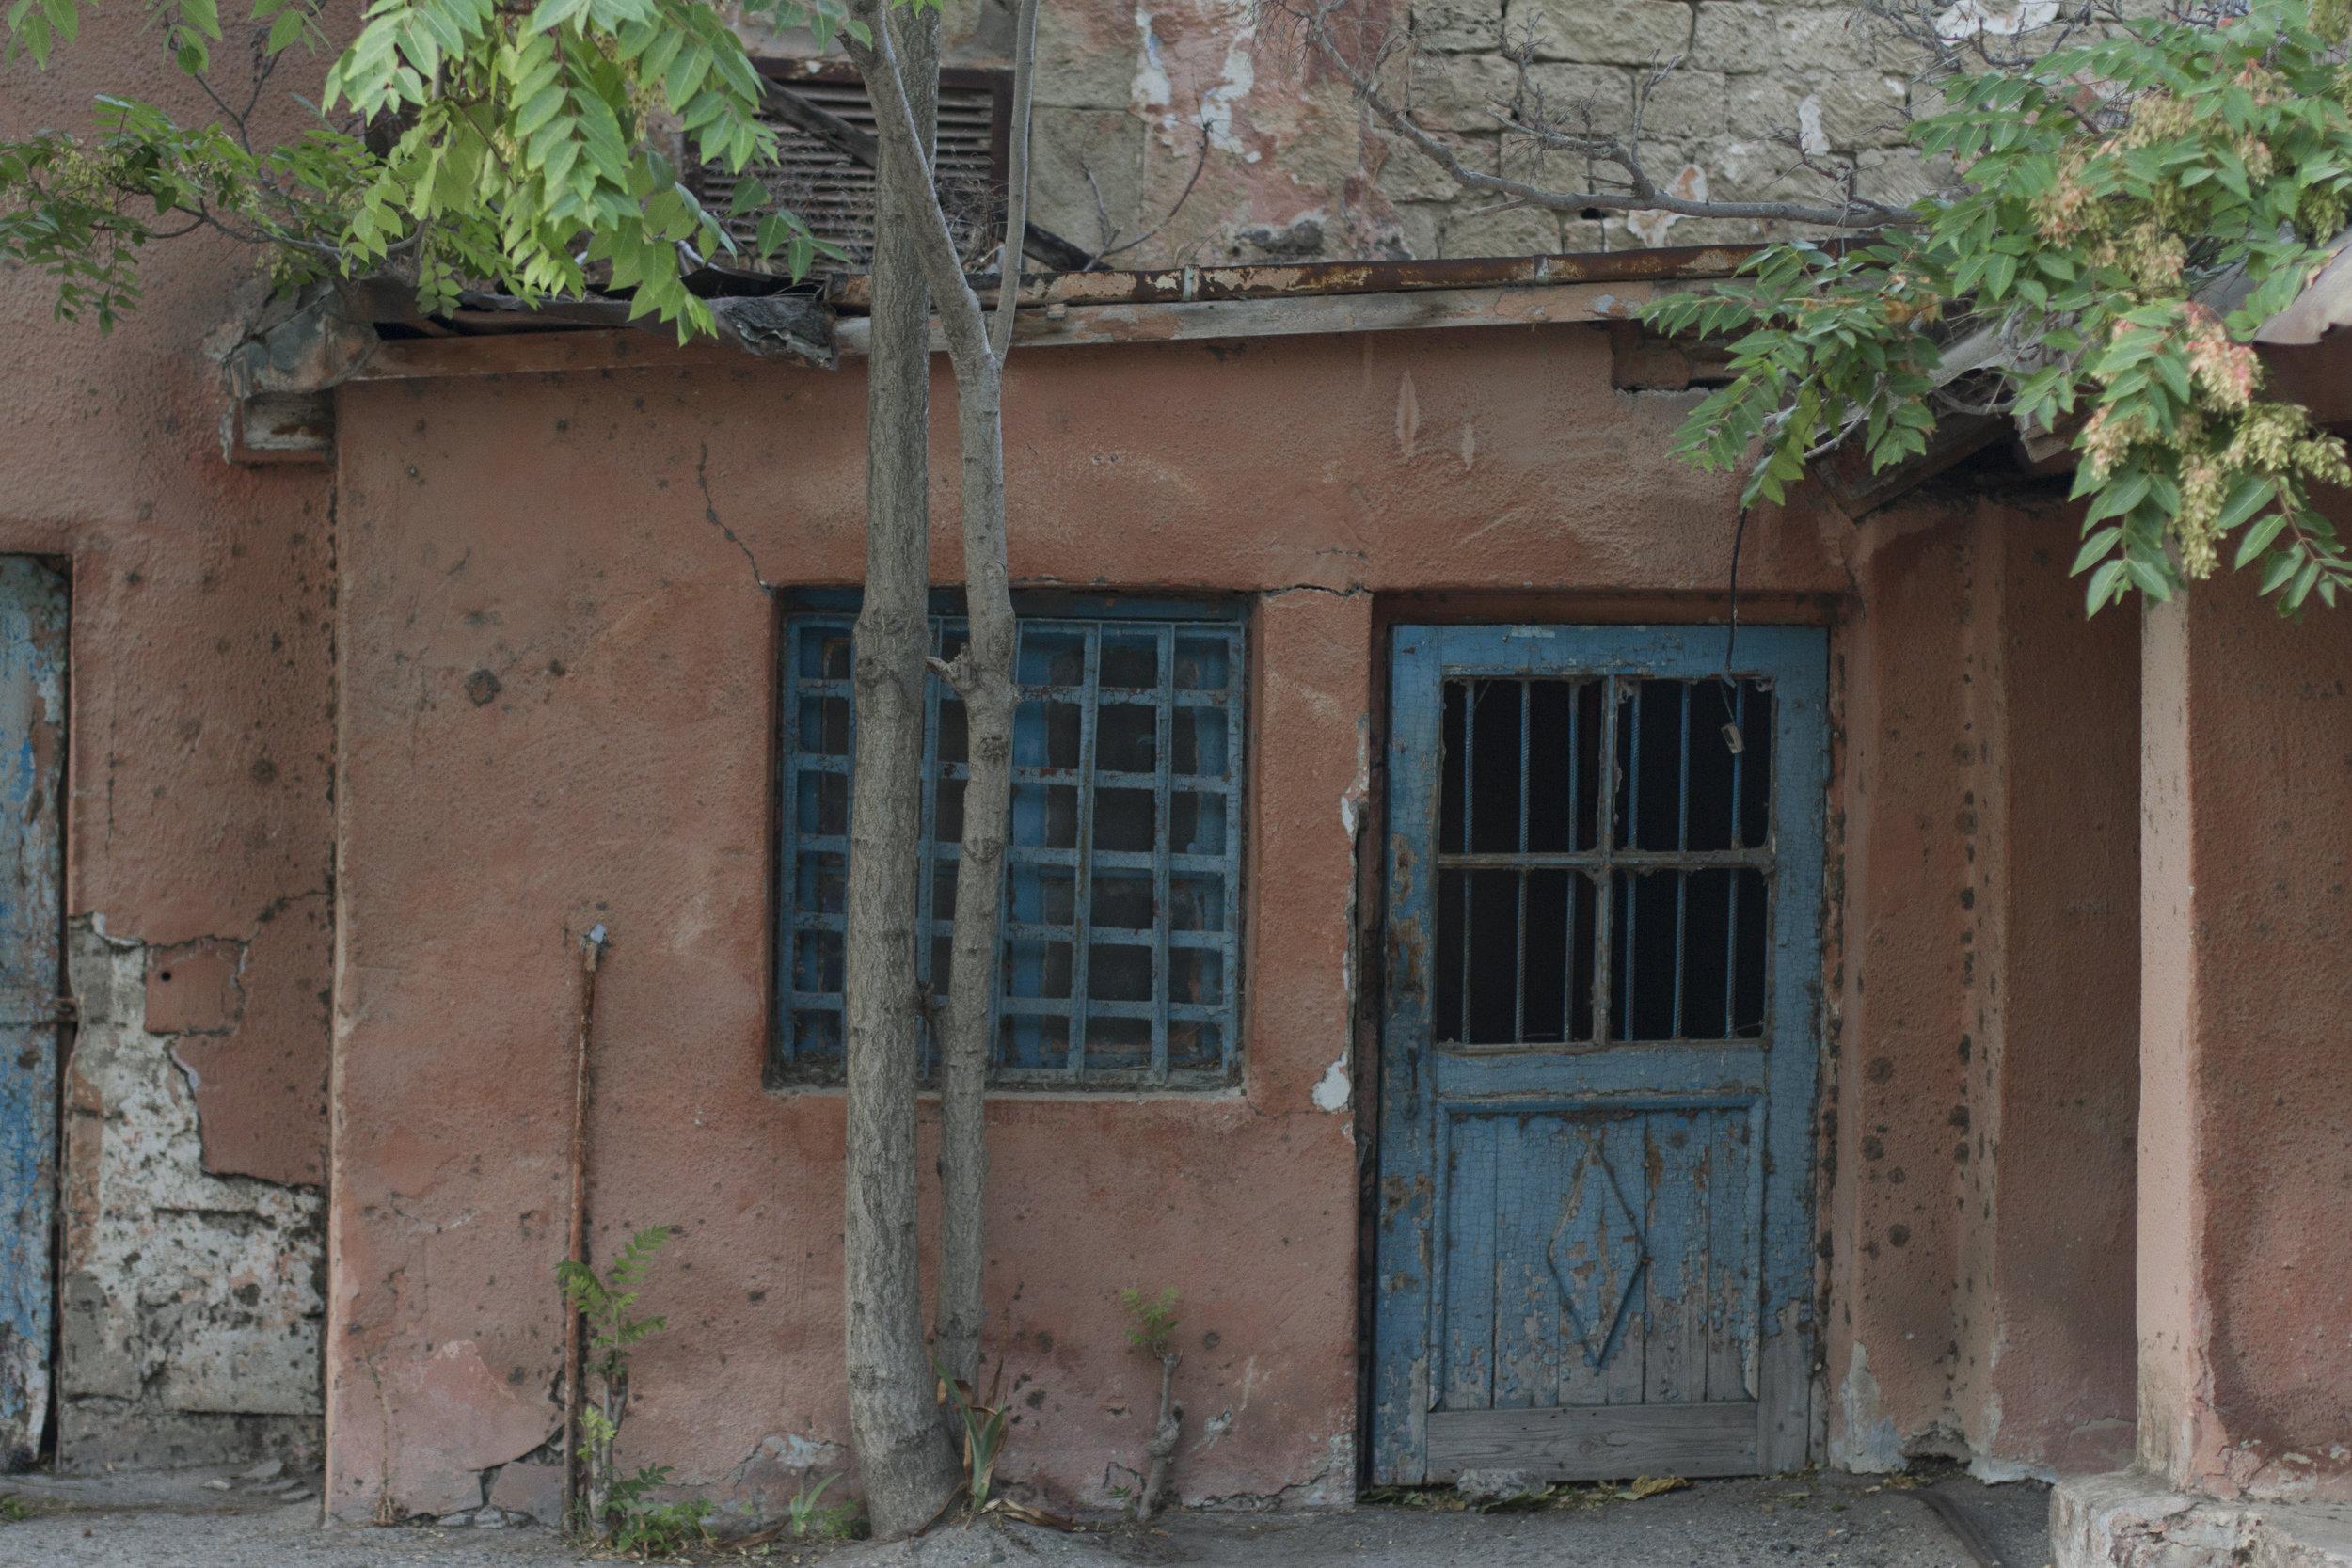 Urban decay 12.jpg